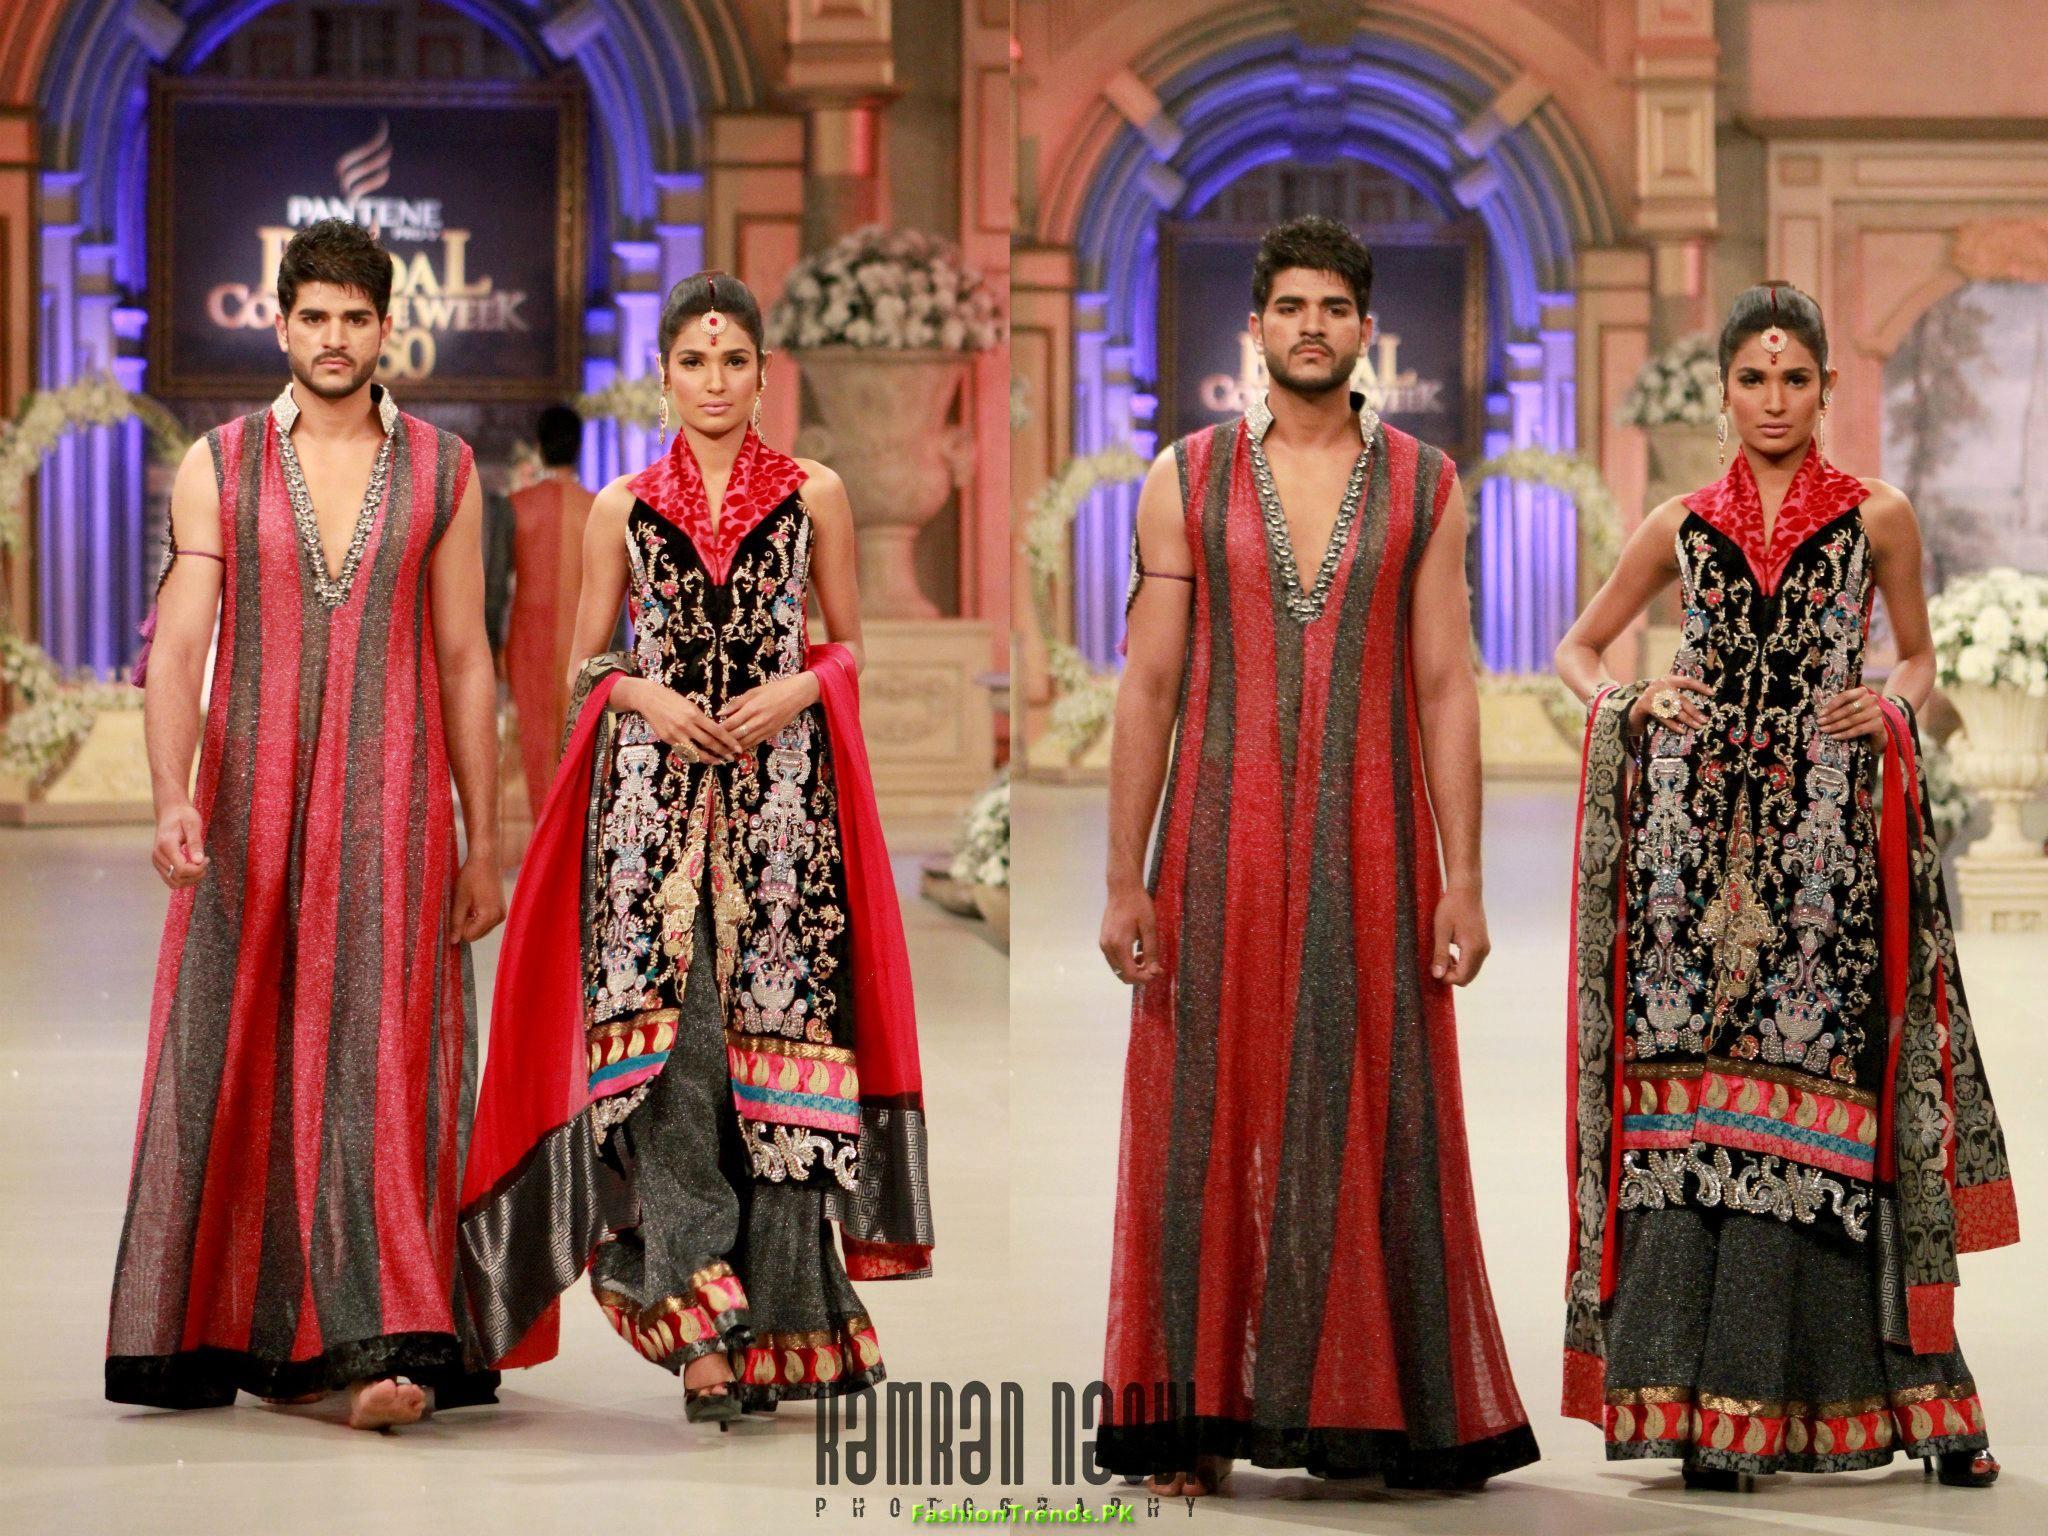 Amir baig fashion designer 77